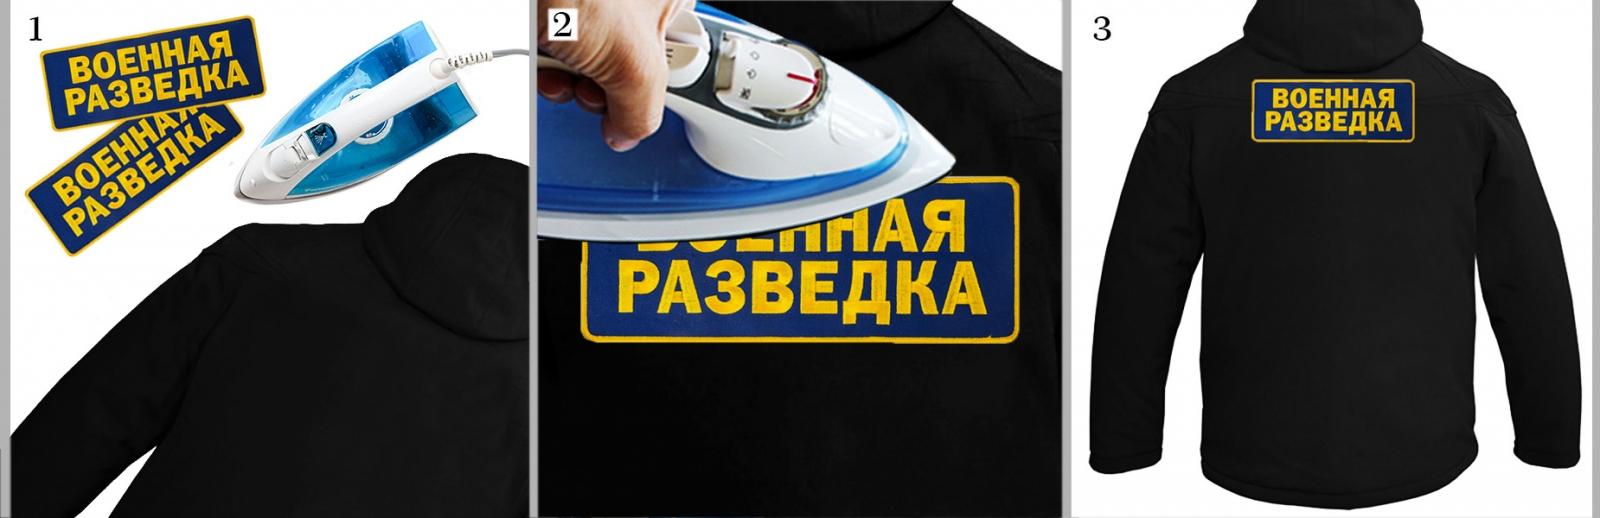 """Нашивка на клеевой основе """"Военная разведка"""" на куртке"""